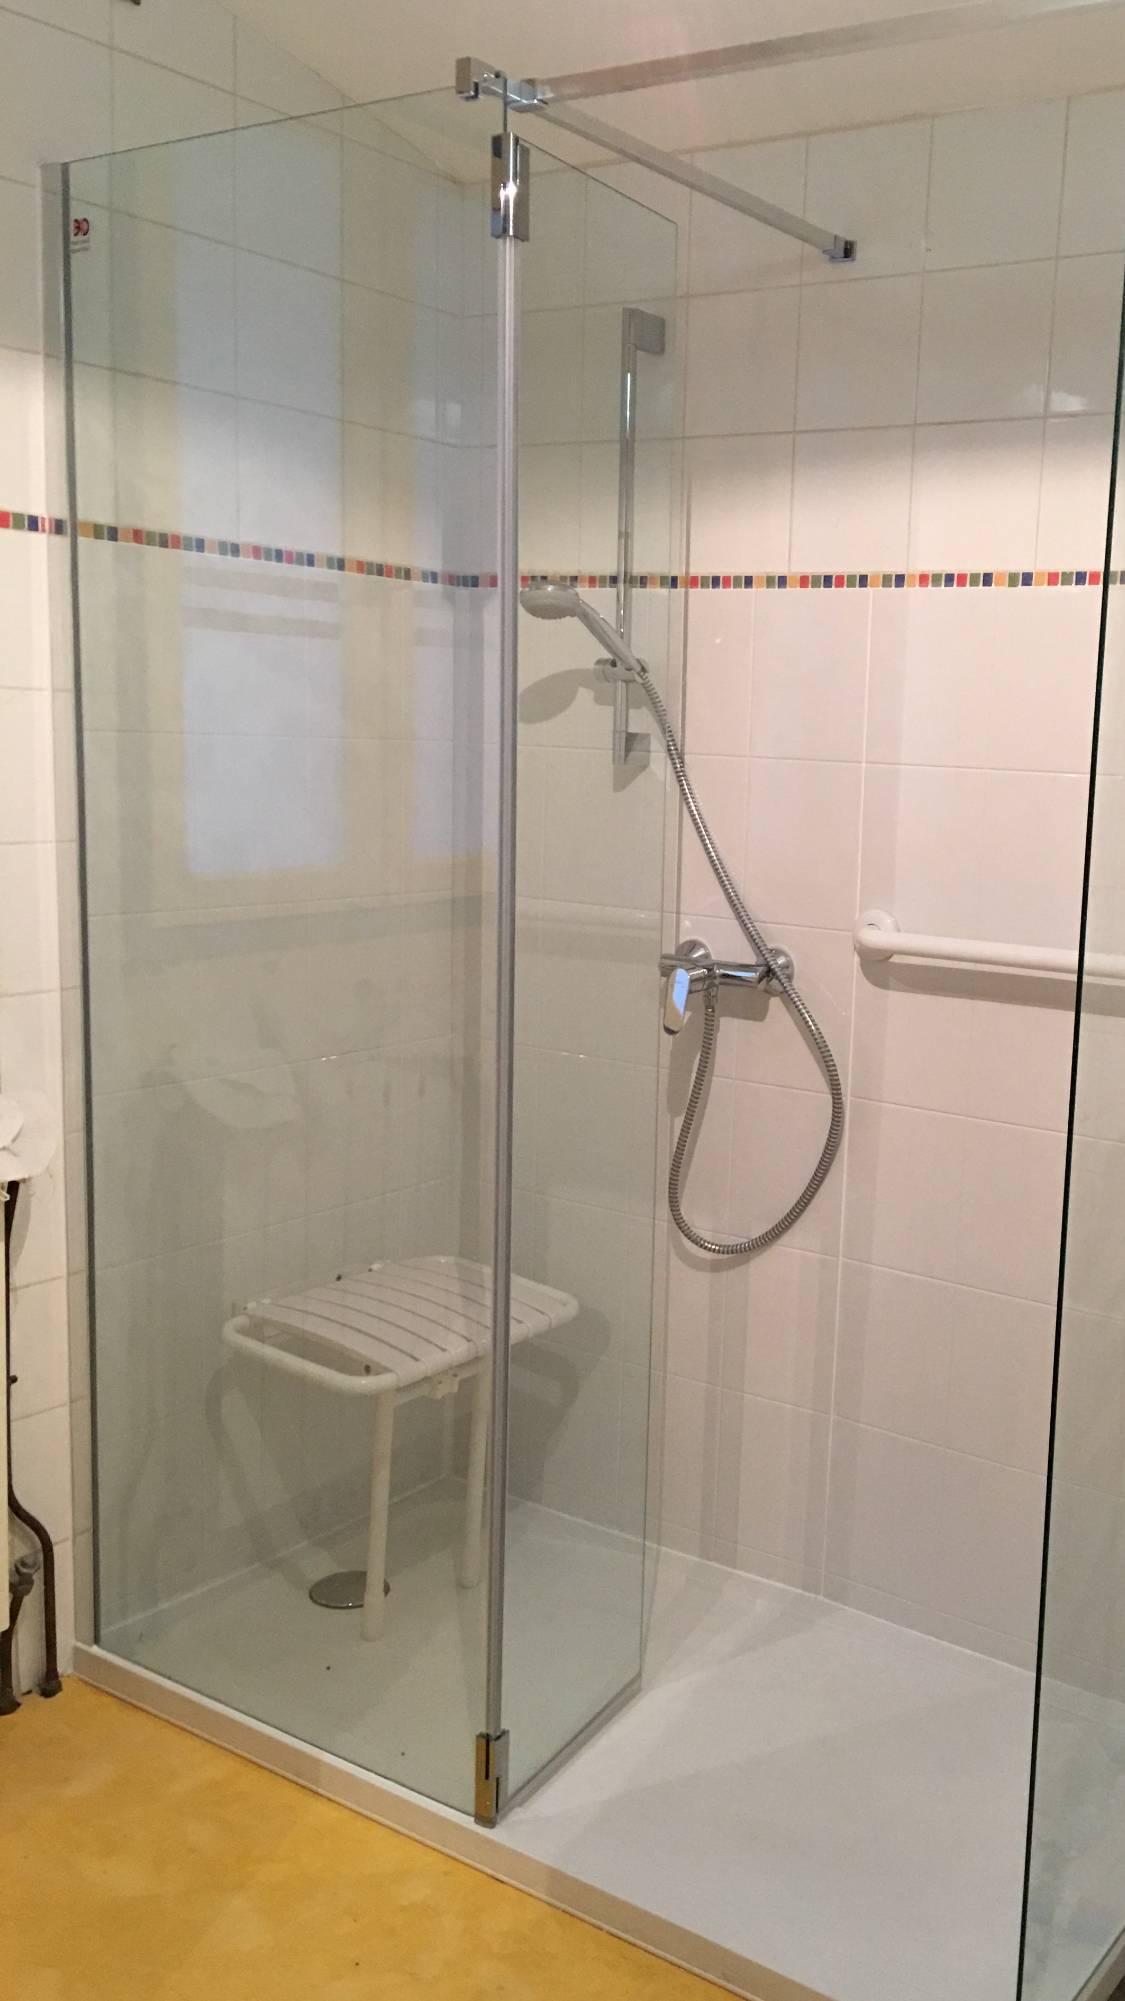 Spécialiste remplacement baignoire par douche senior sécurisée à